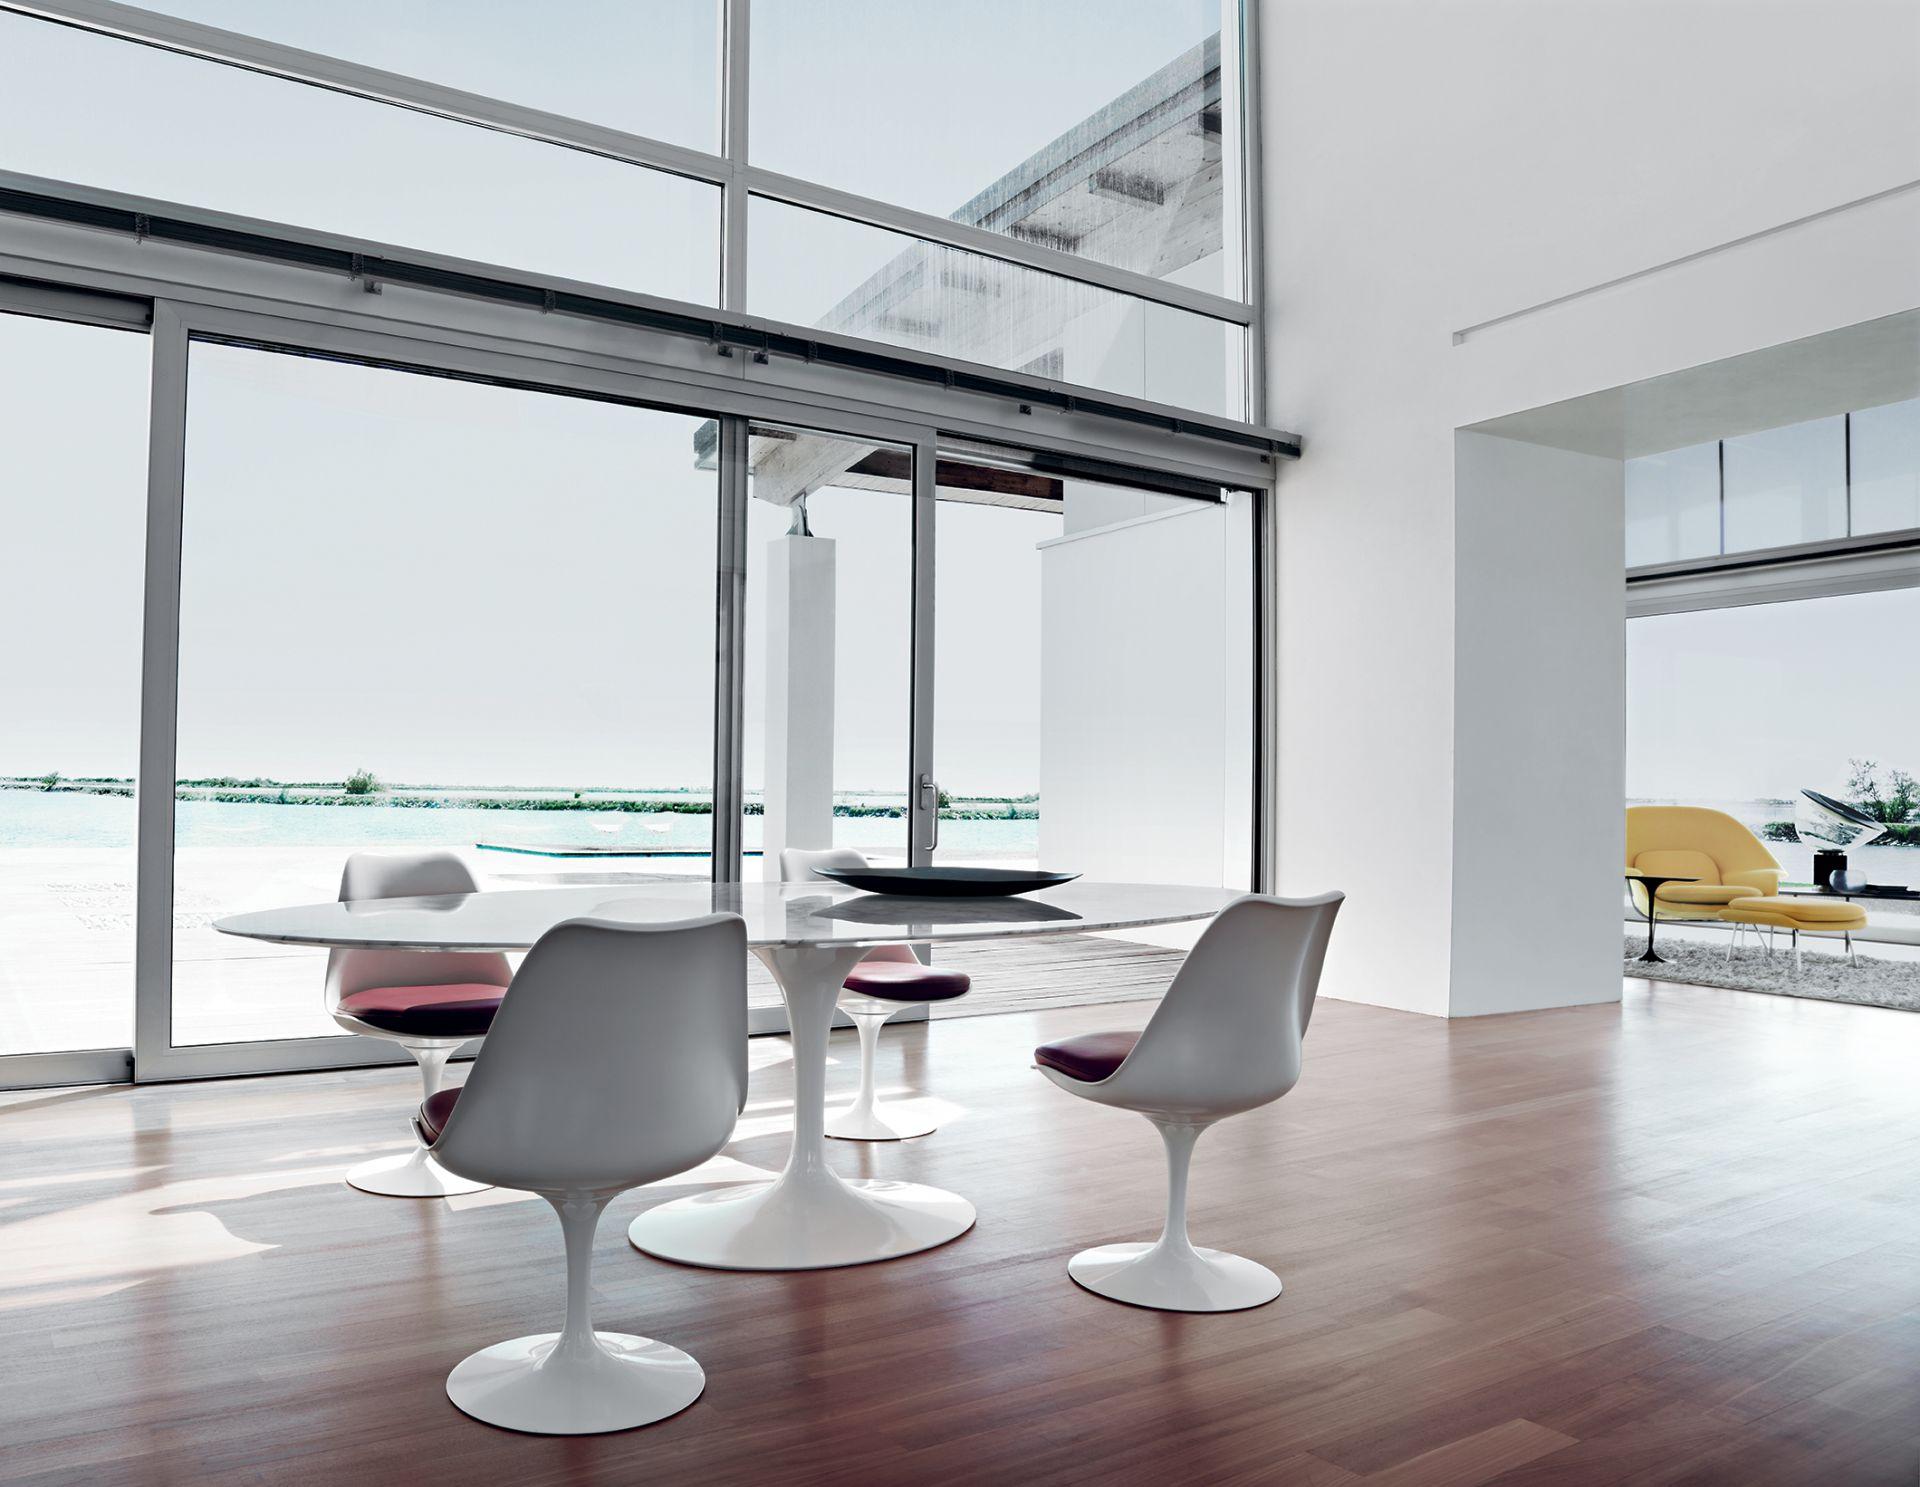 saarinen tulip chair studio italia